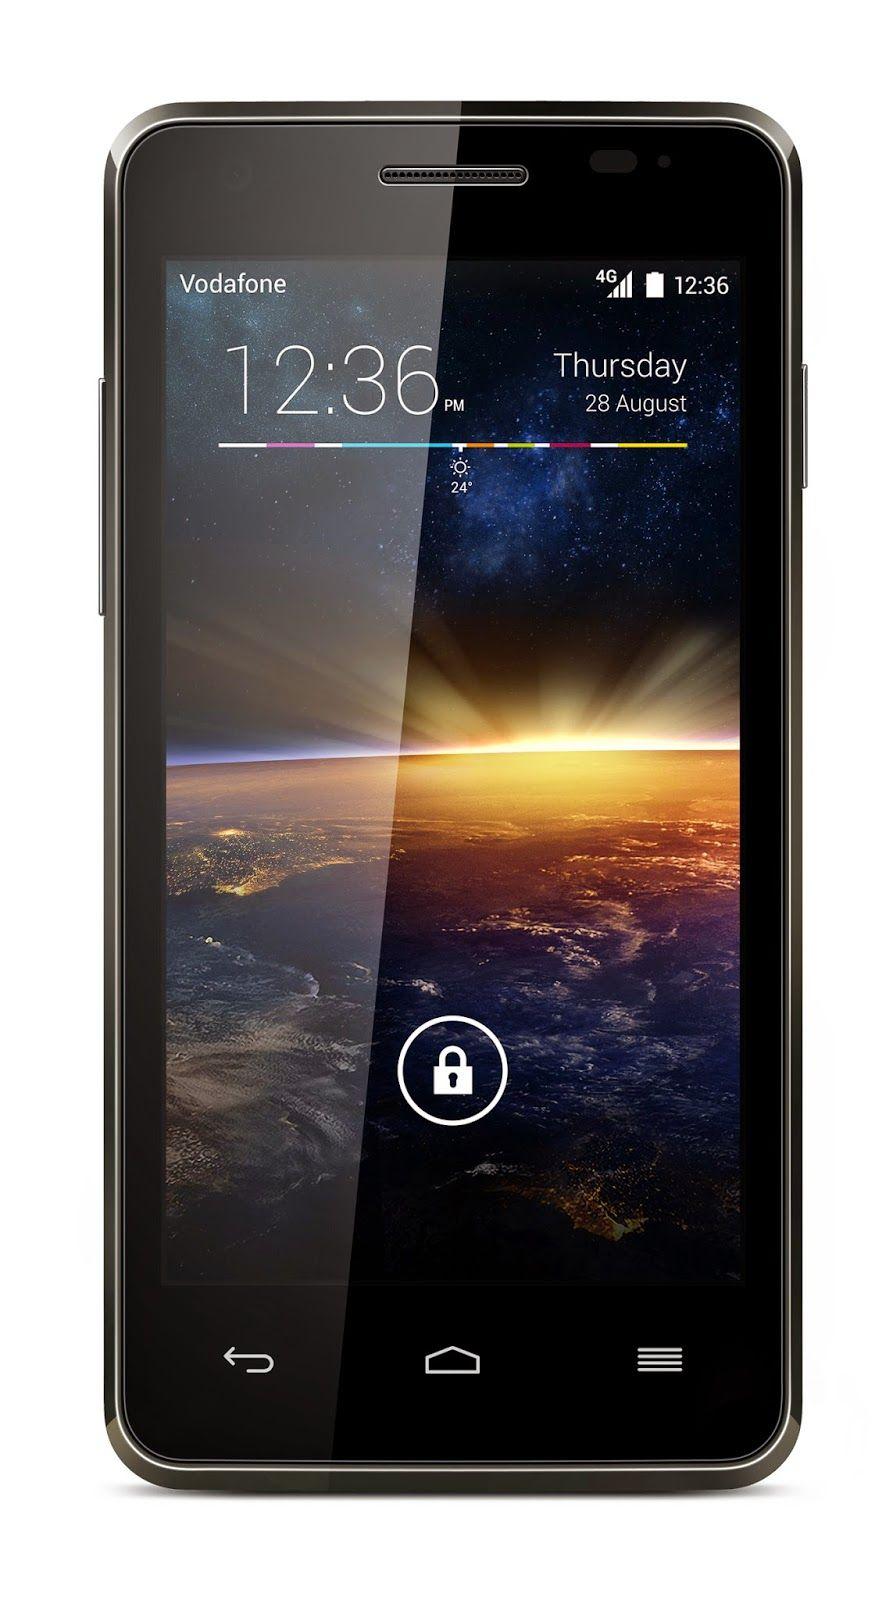 Fantechnology: #VODAFONE: al via la rete mobile 4G+ a 225 Mbps, la...